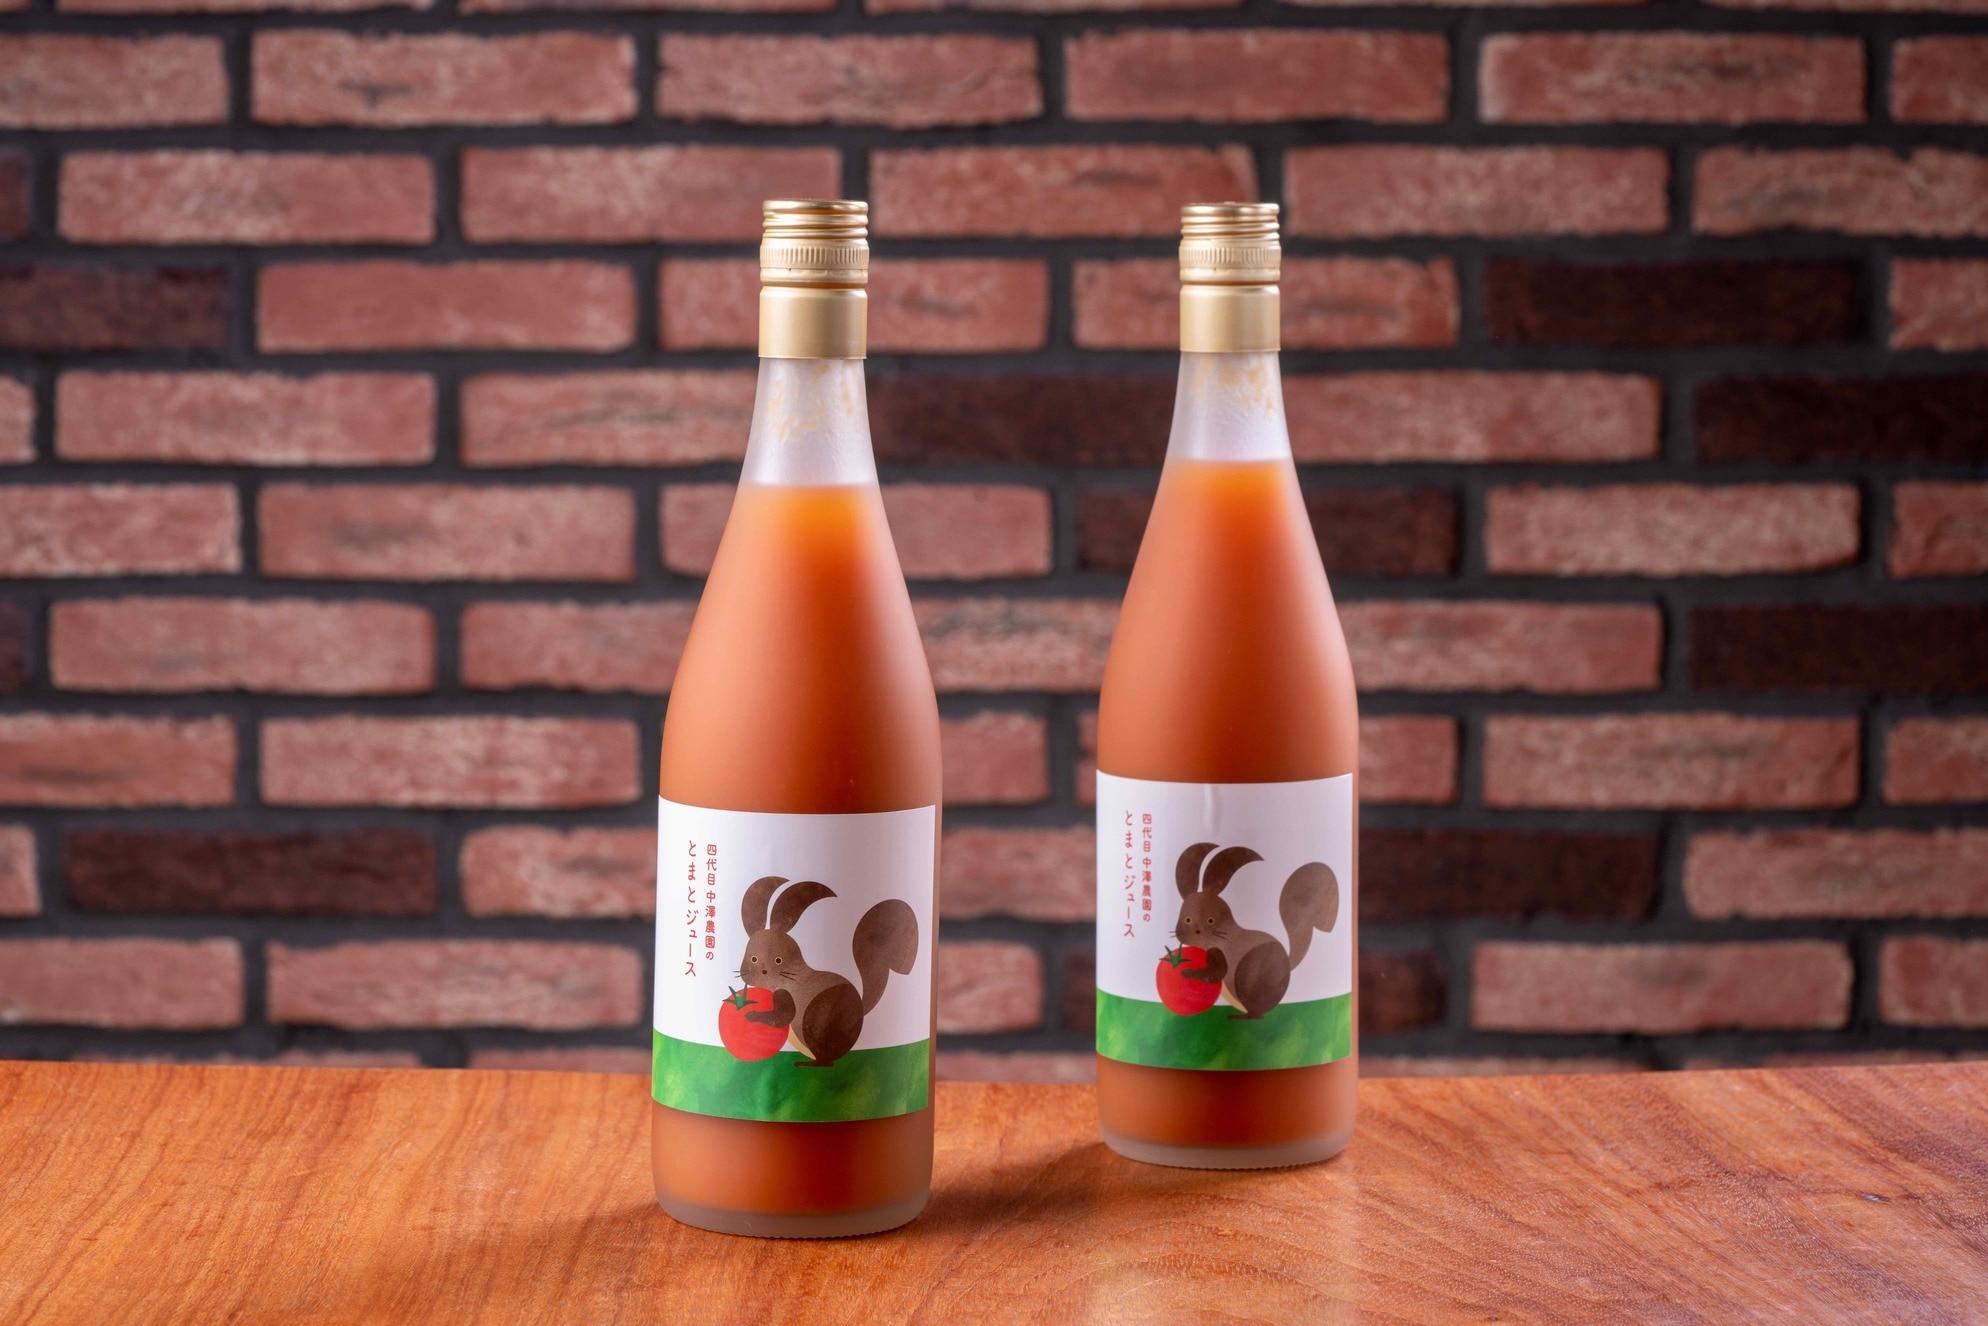 通販・お取り寄せ北海道産トマトジュース,むかわ町の四代目中澤農園で栽培した中玉トマト「Mr.浅野のけっさく」を使用したジュース